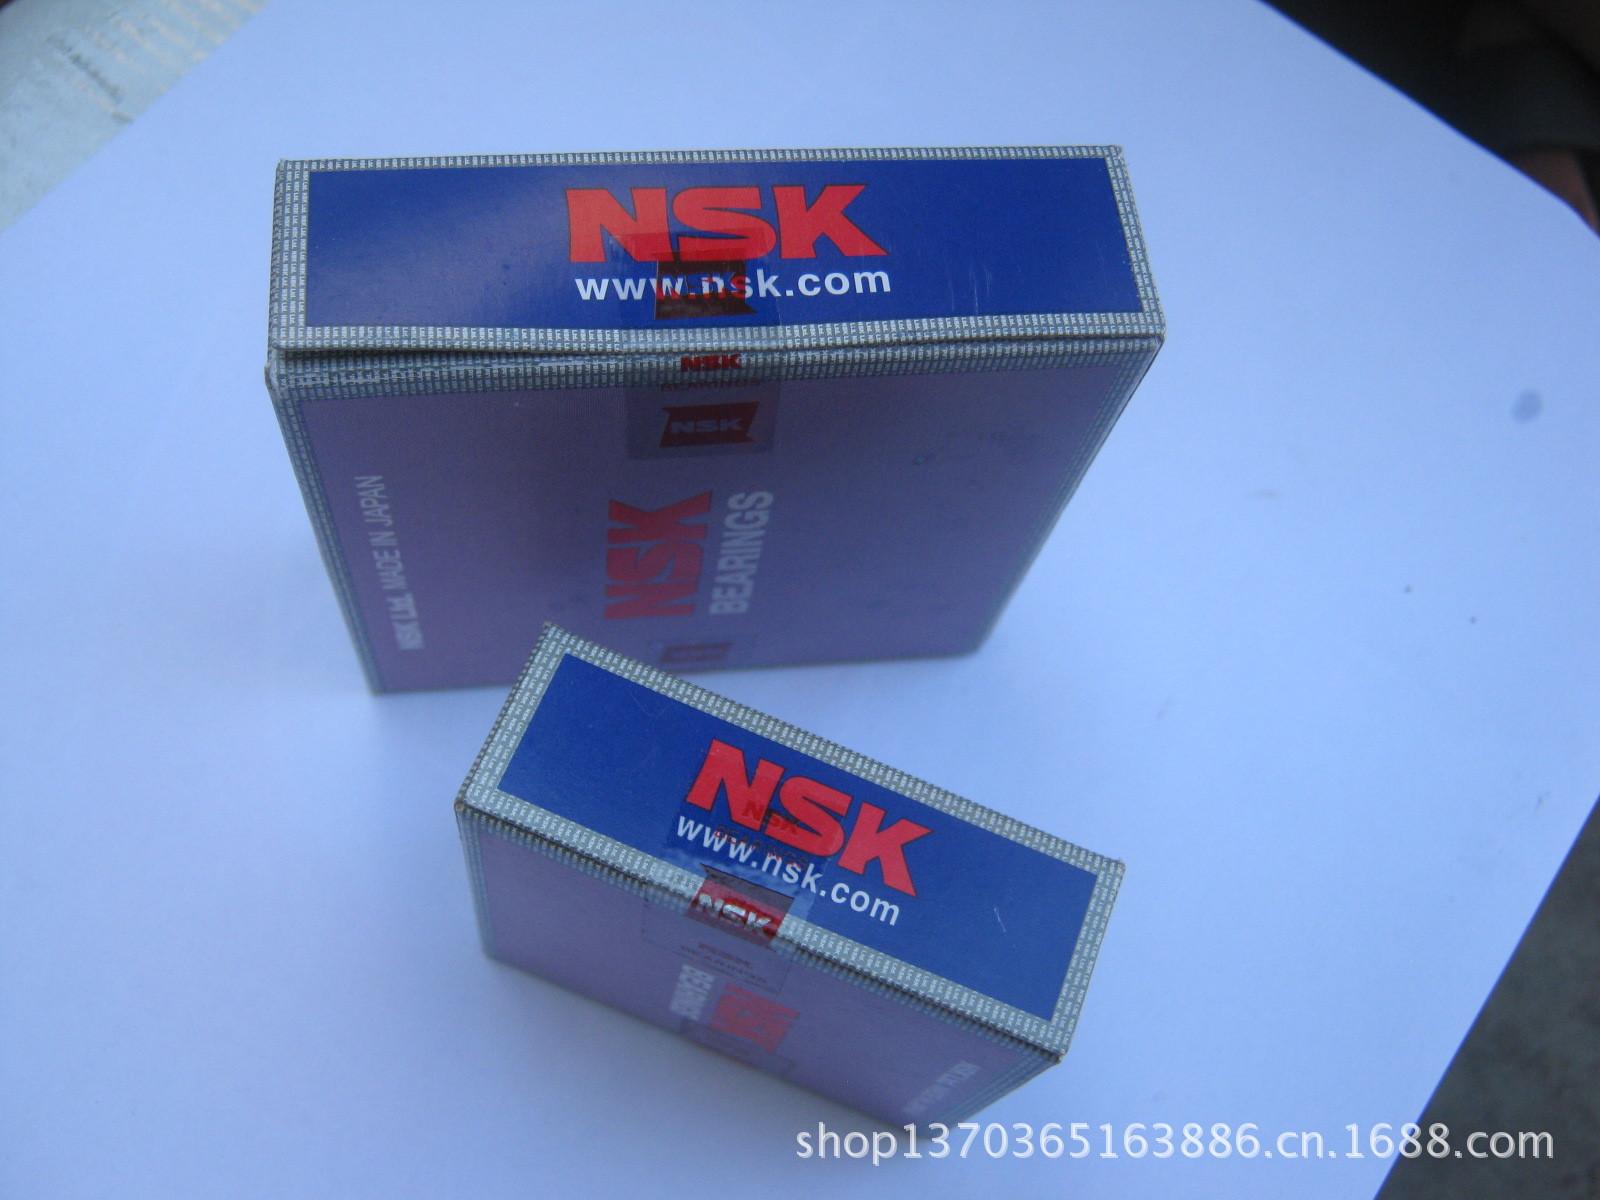 浙江衢州现货供应 日本原装进口深沟球NSK 6922Z 批发 零售